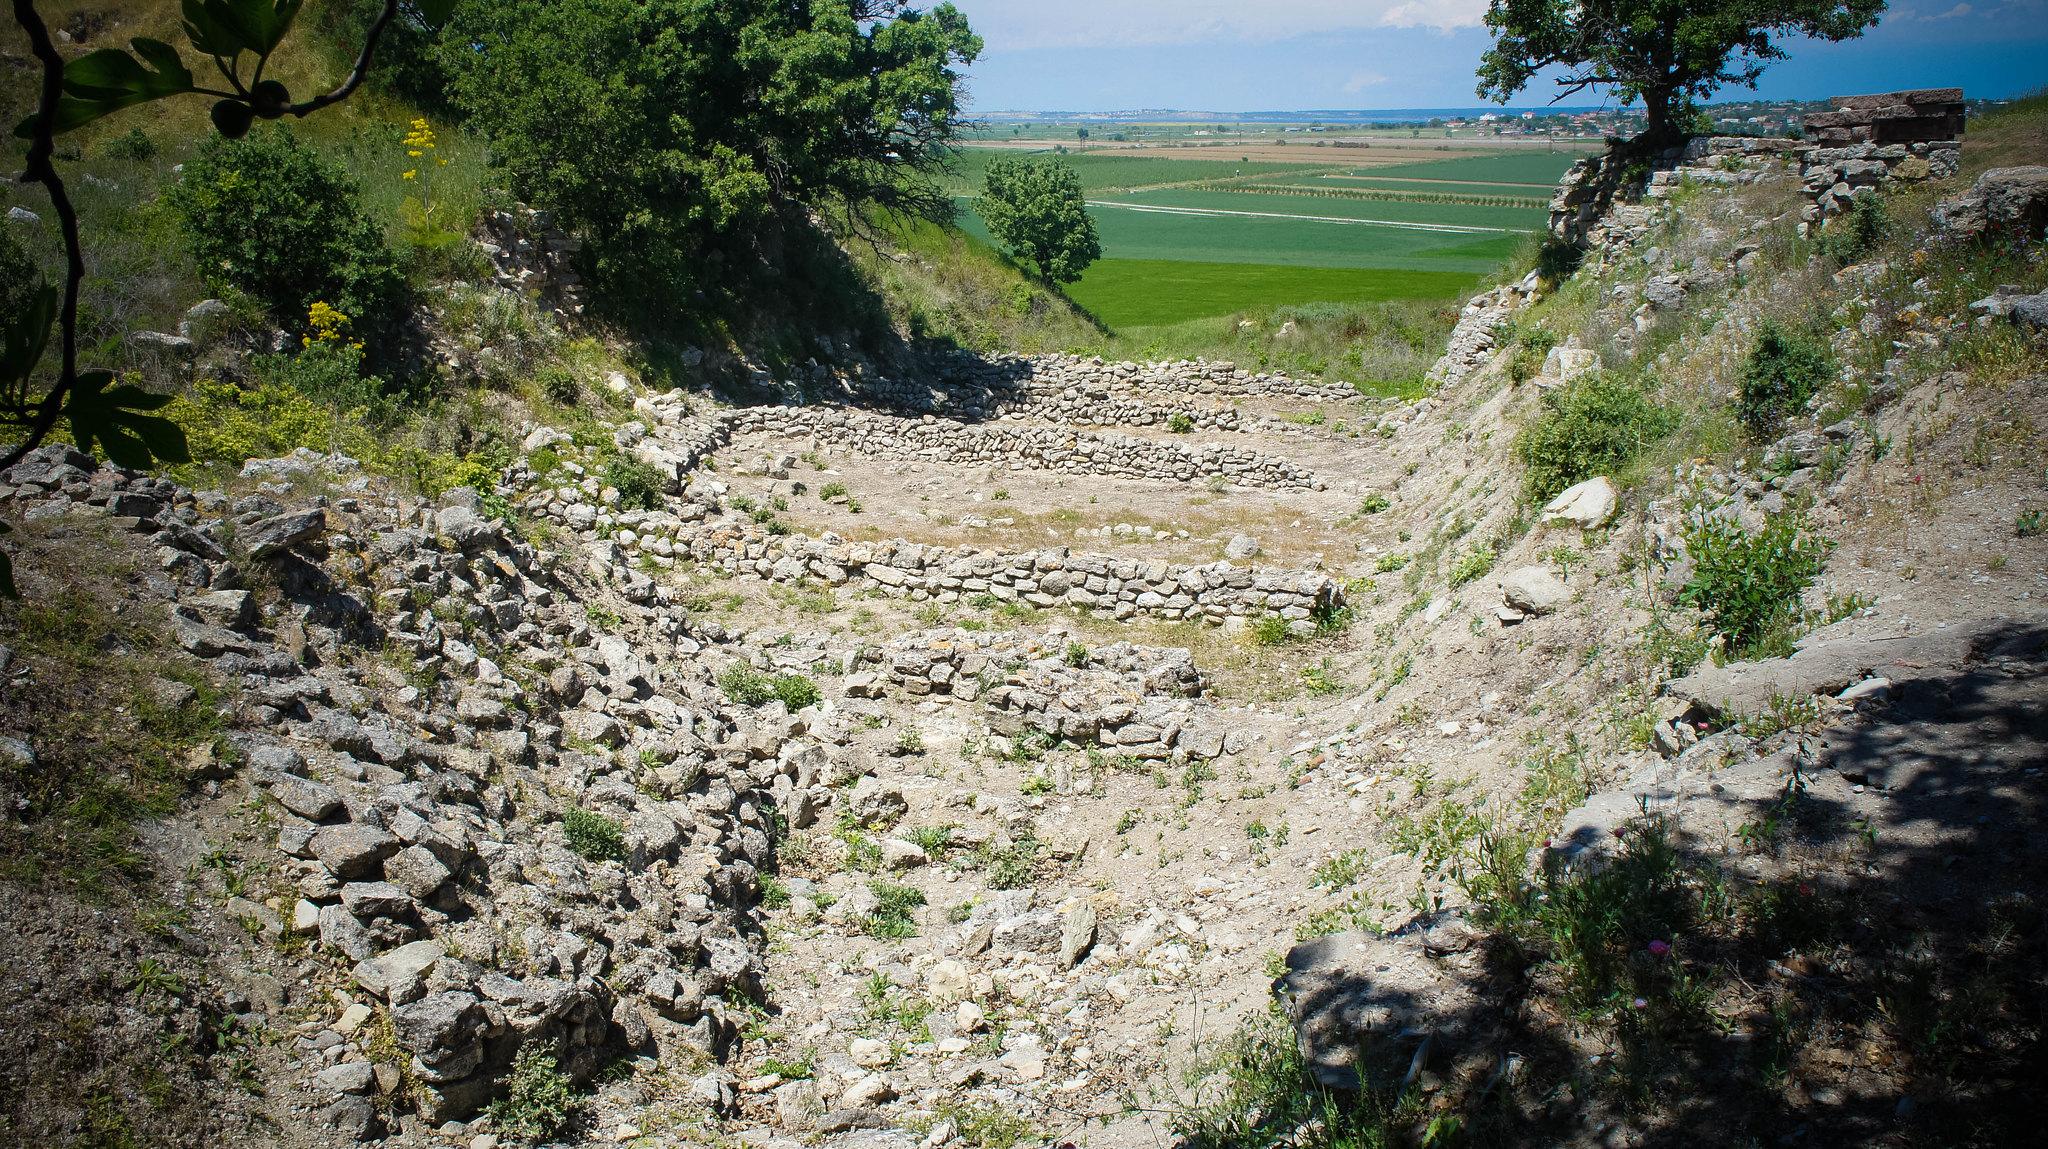 Schliemann's trench